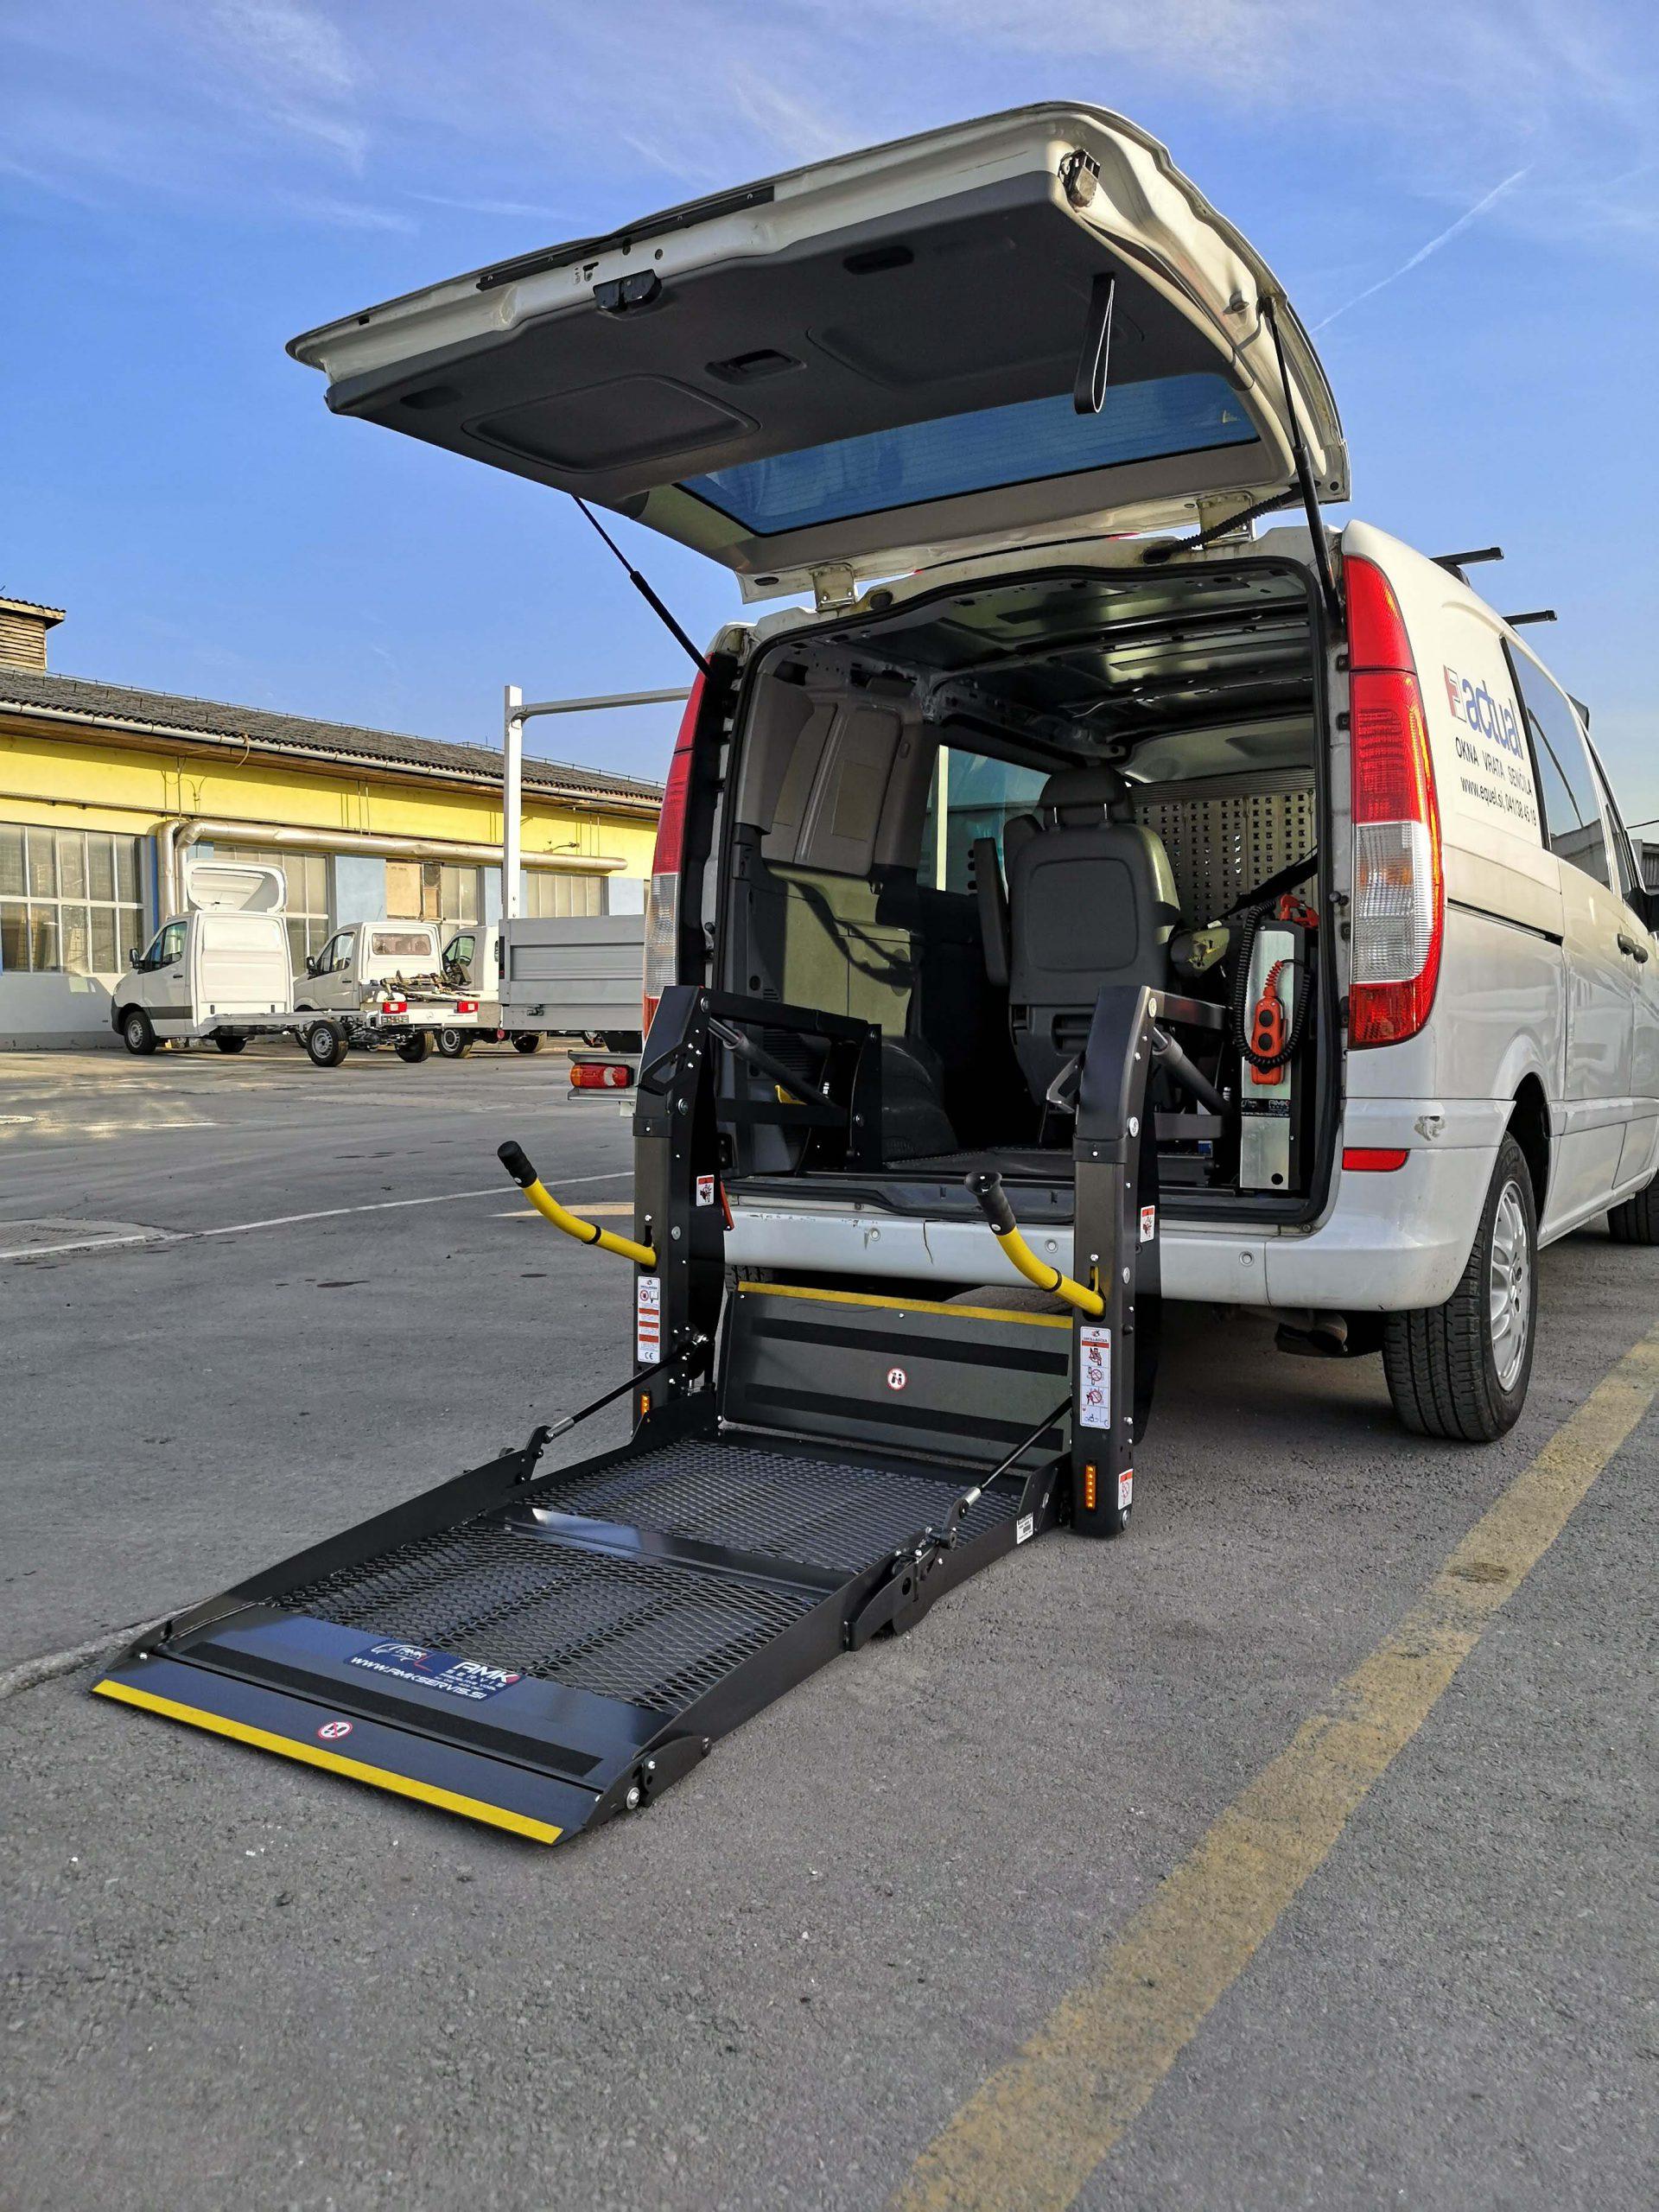 Hidravlično dvigalo za dvig osebe na invalidskem vozičku